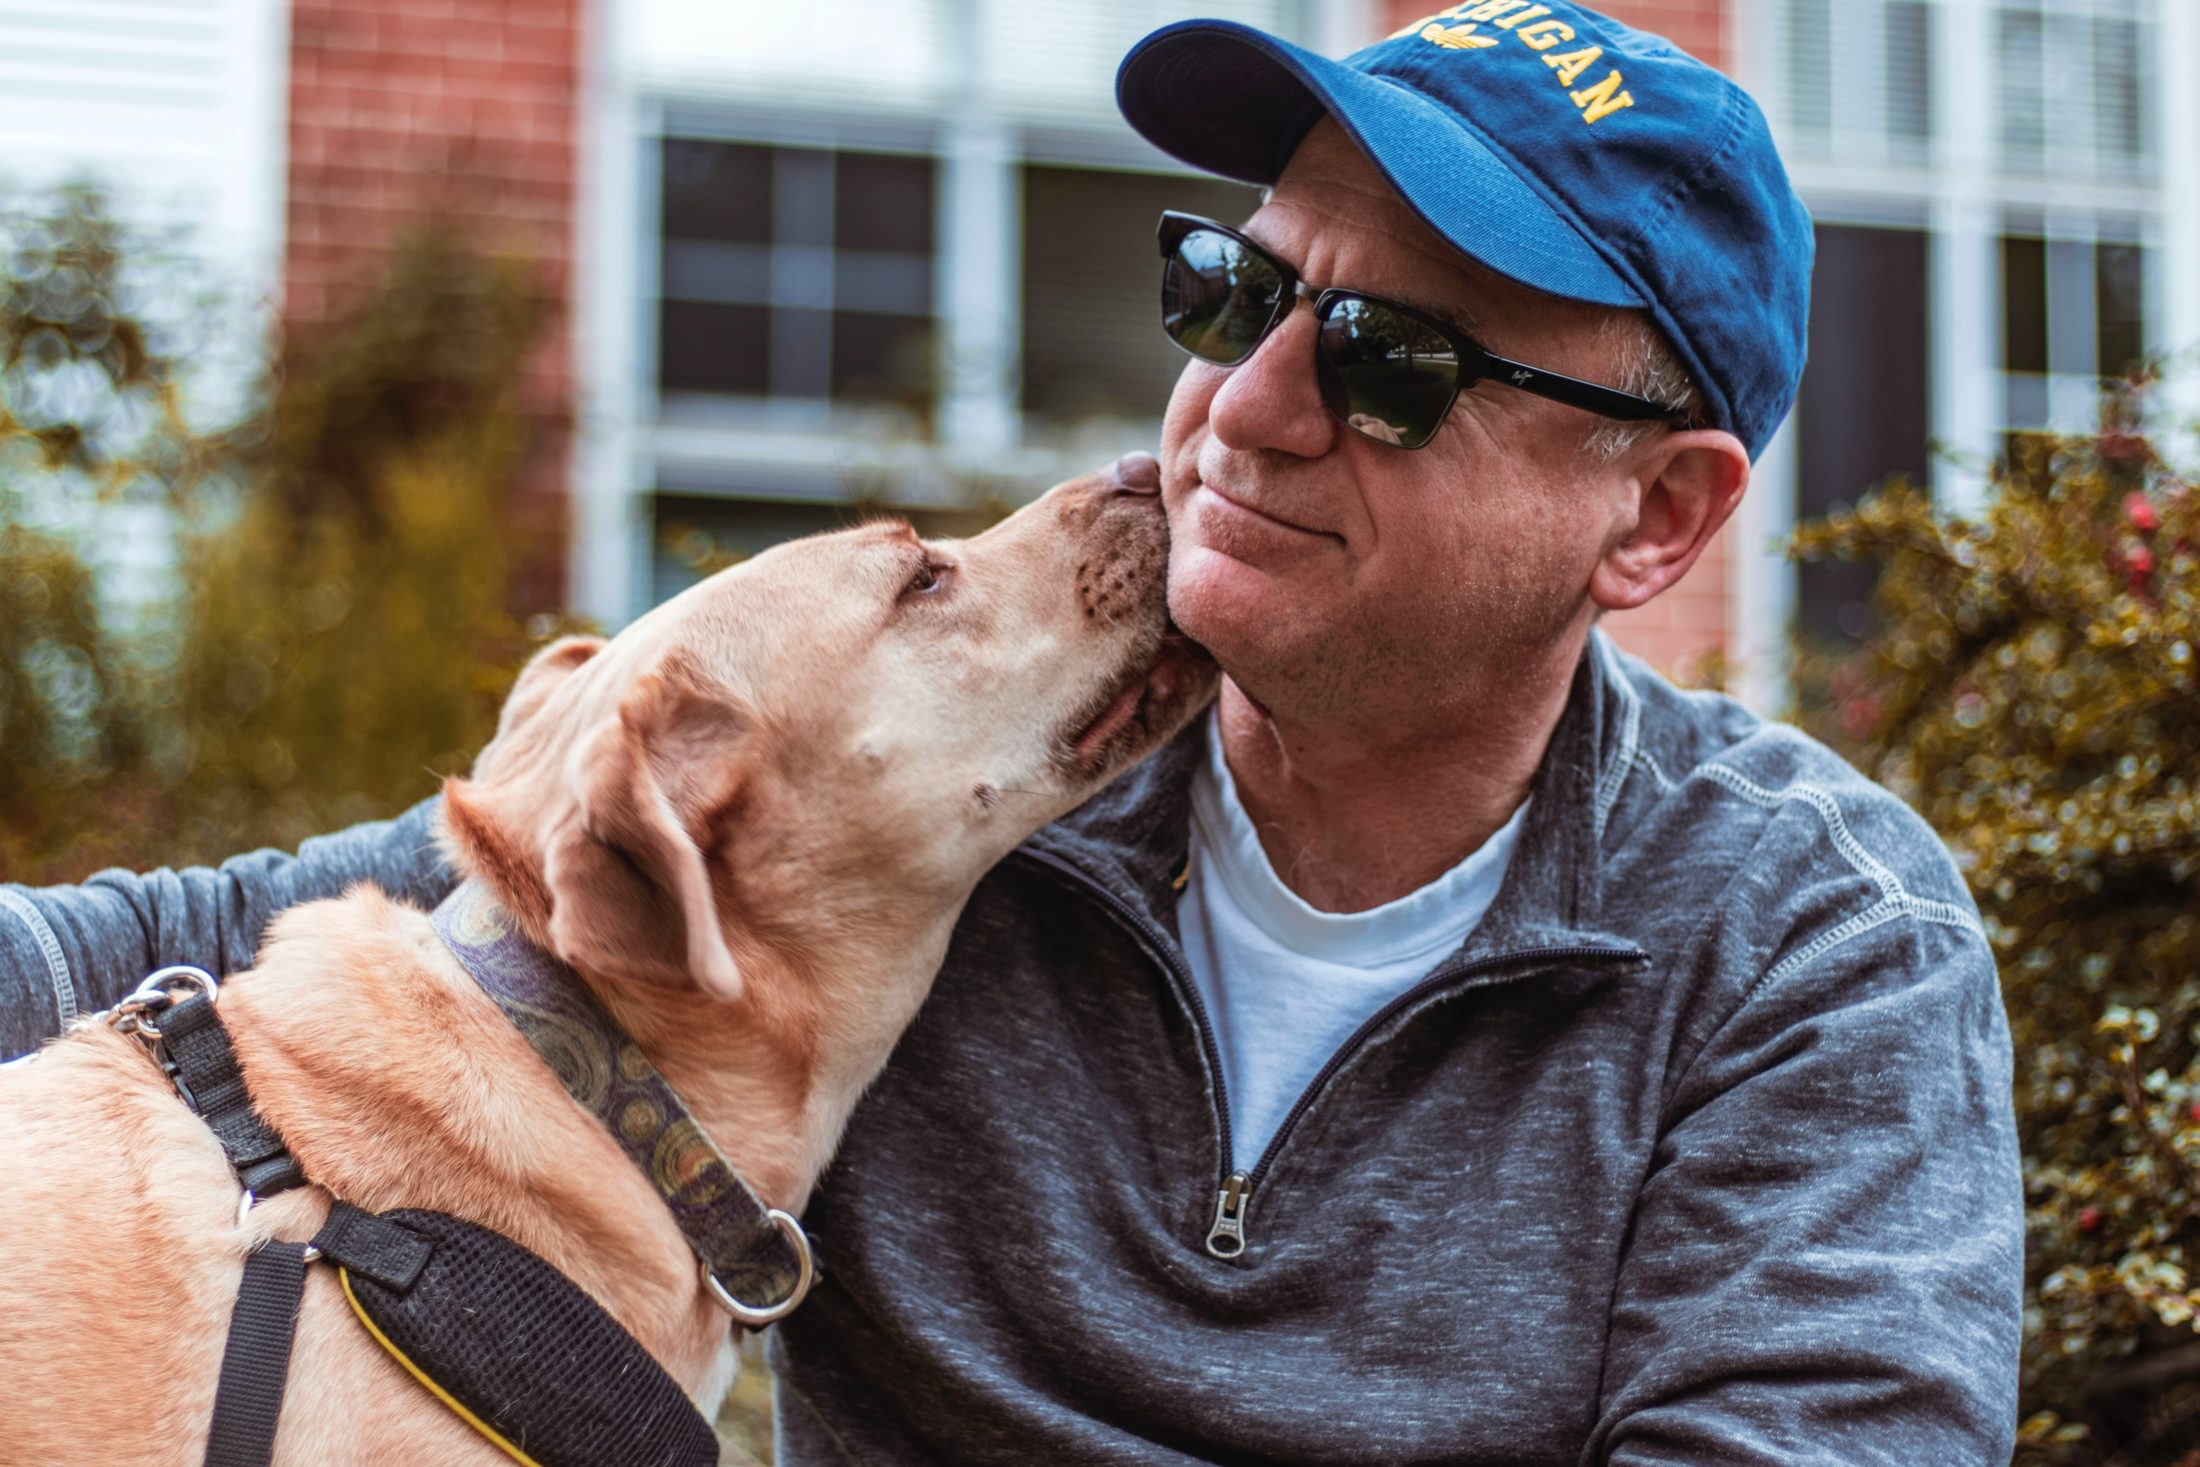 cachorro lambendo o rosto do tutor em demonstração de devoção canina